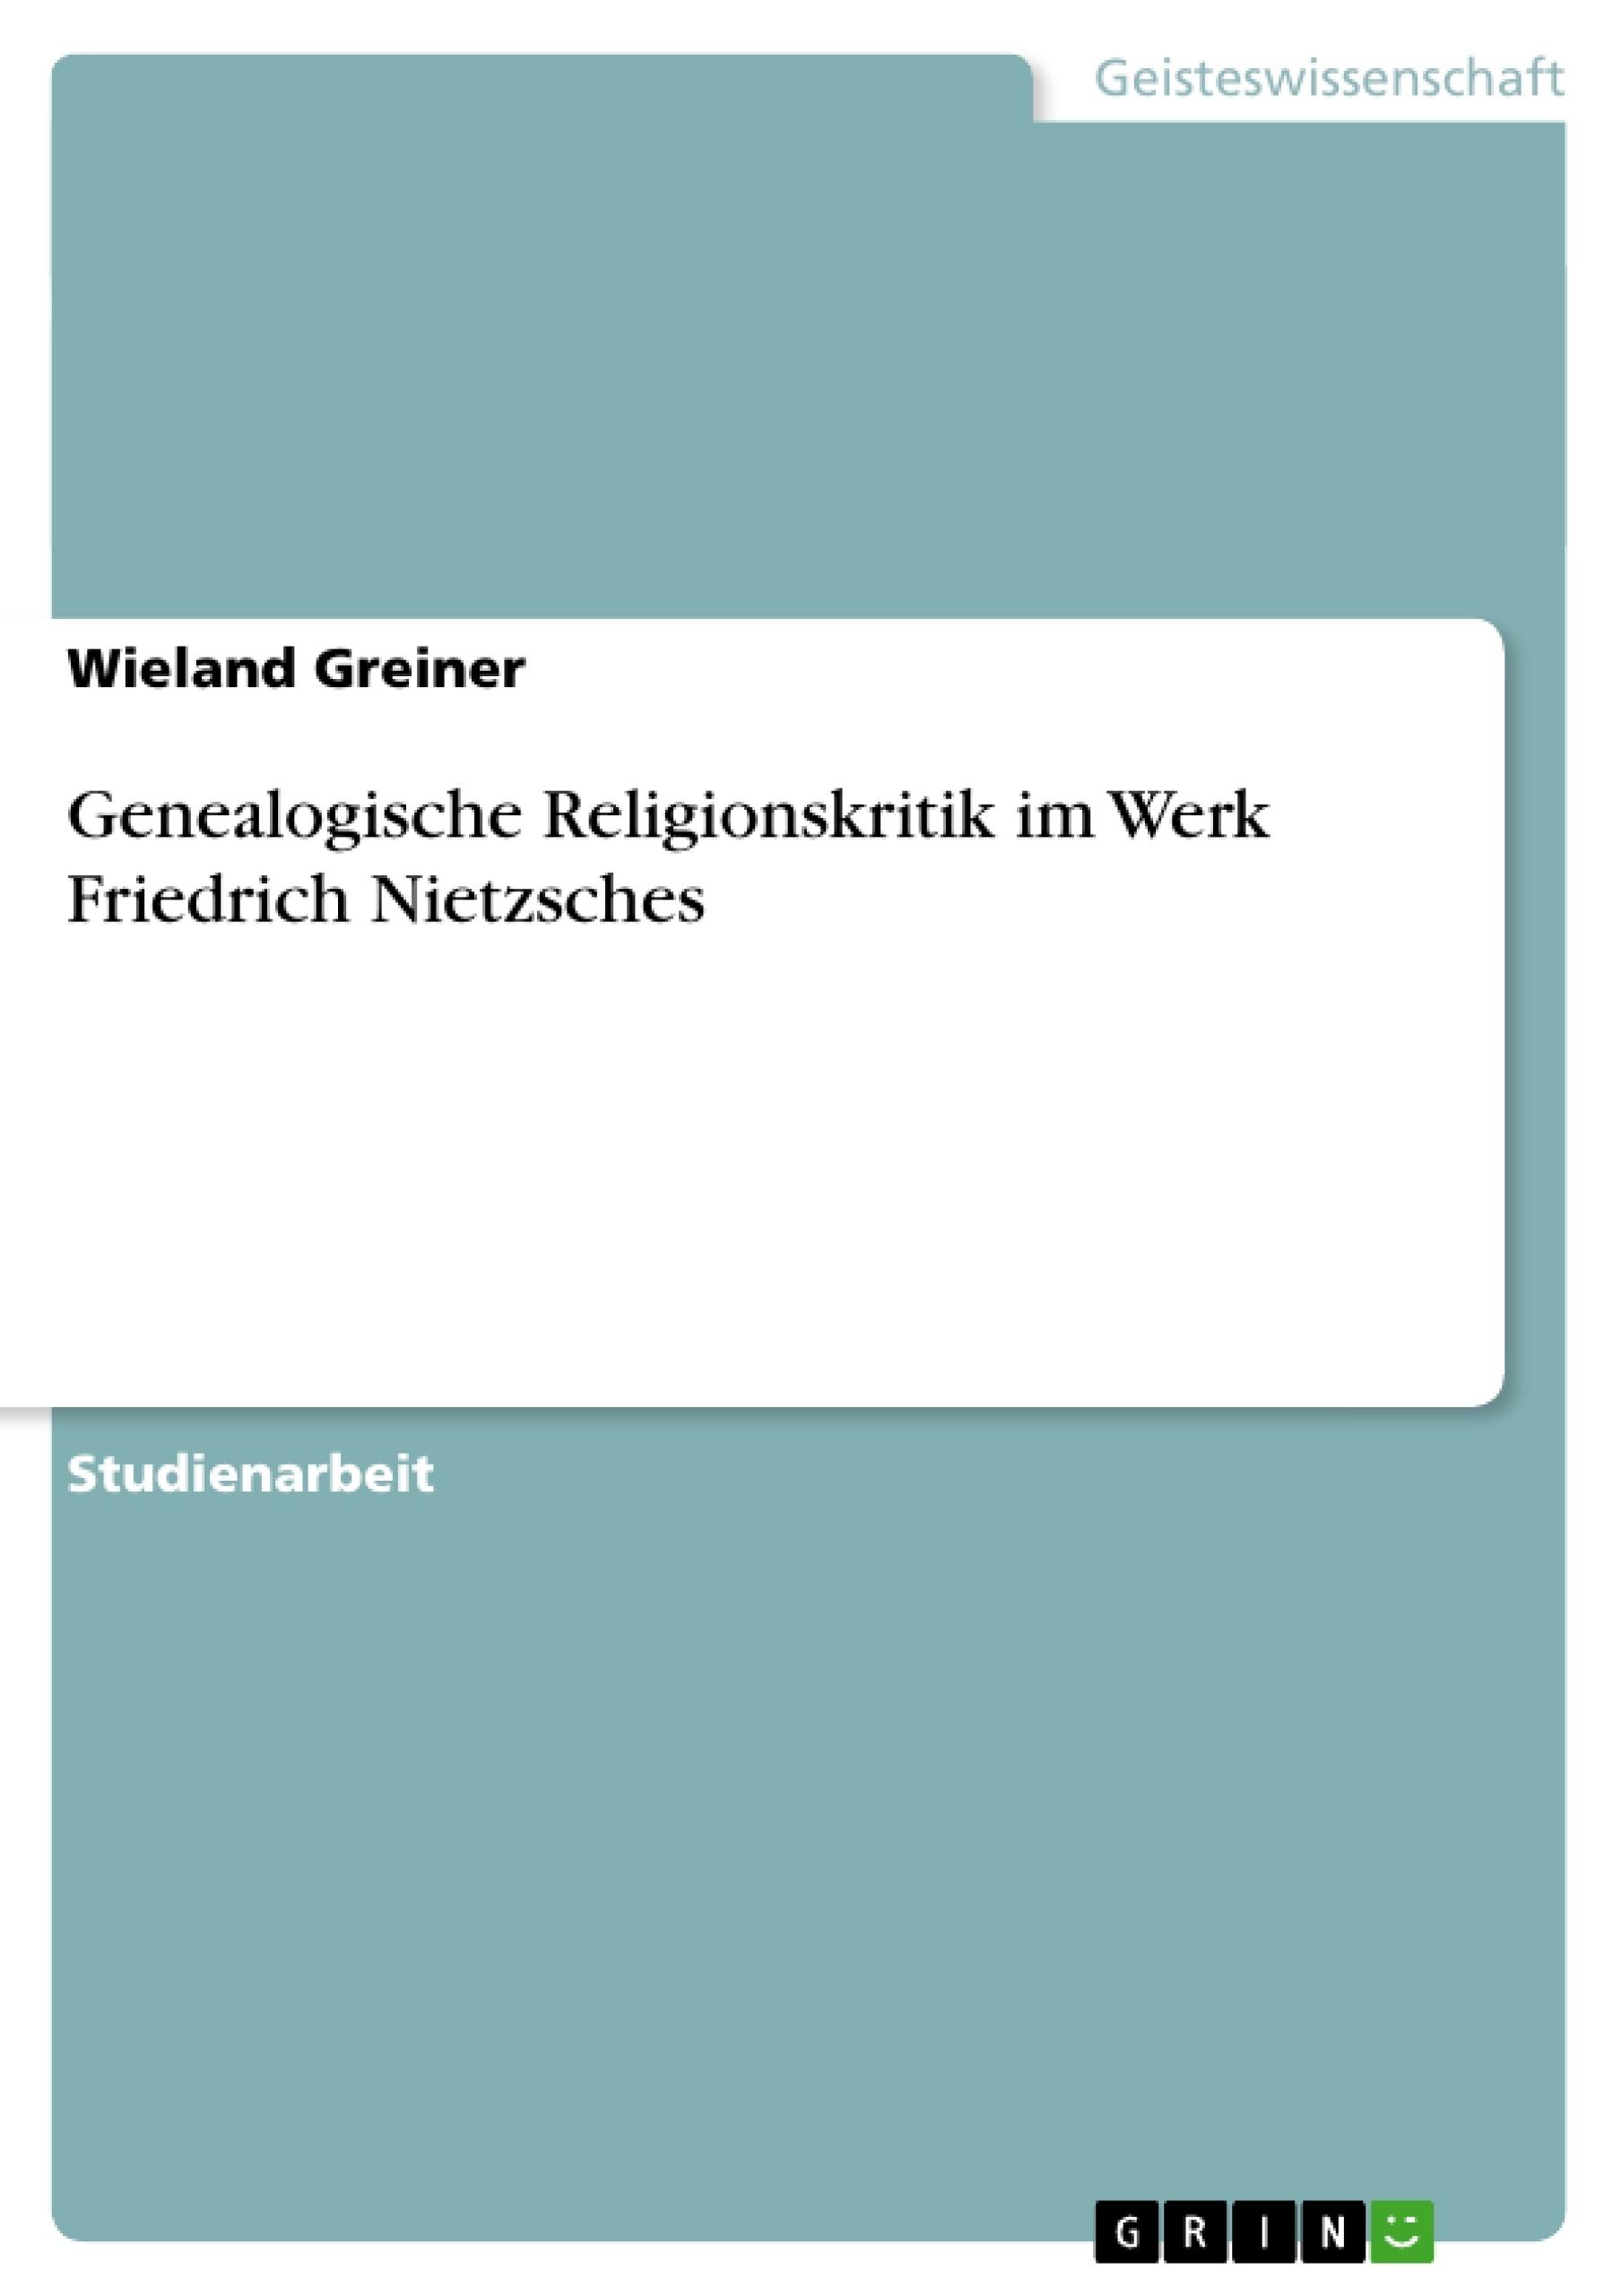 Titel: Genealogische Religionskritik im Werk Friedrich Nietzsches